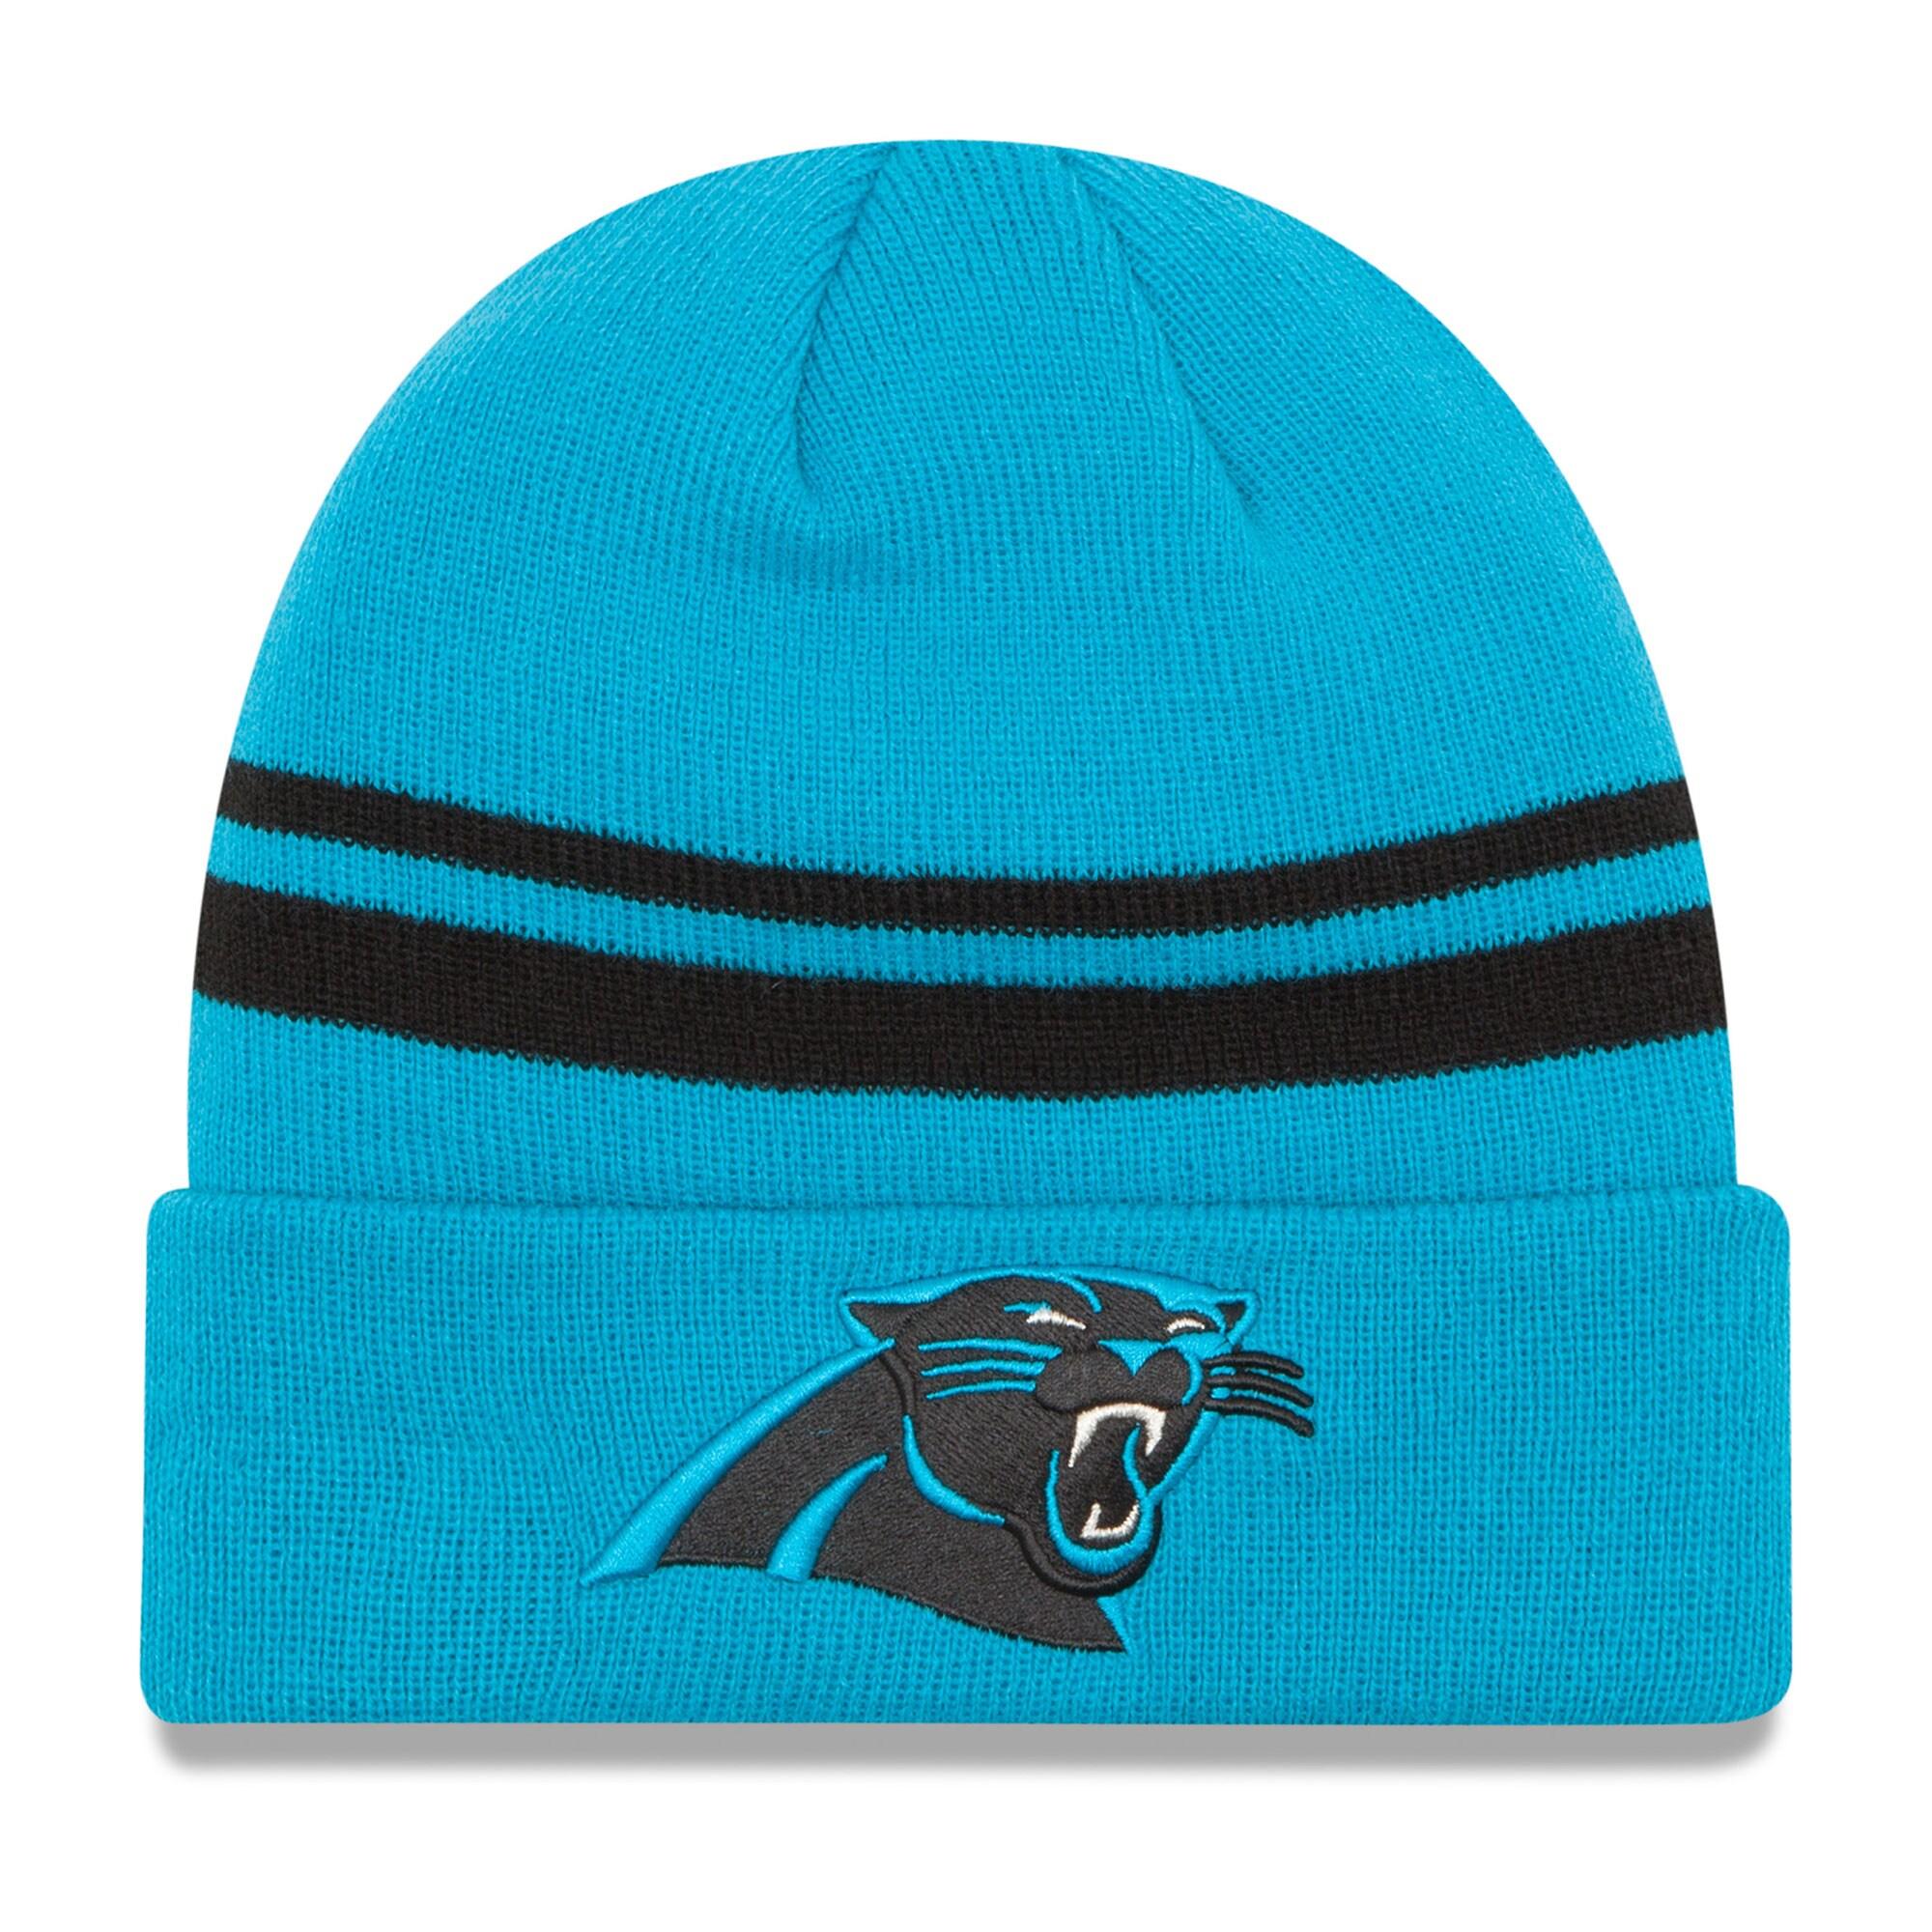 Carolina Panthers New Era Team Logo Cuffed Knit Hat - Blue